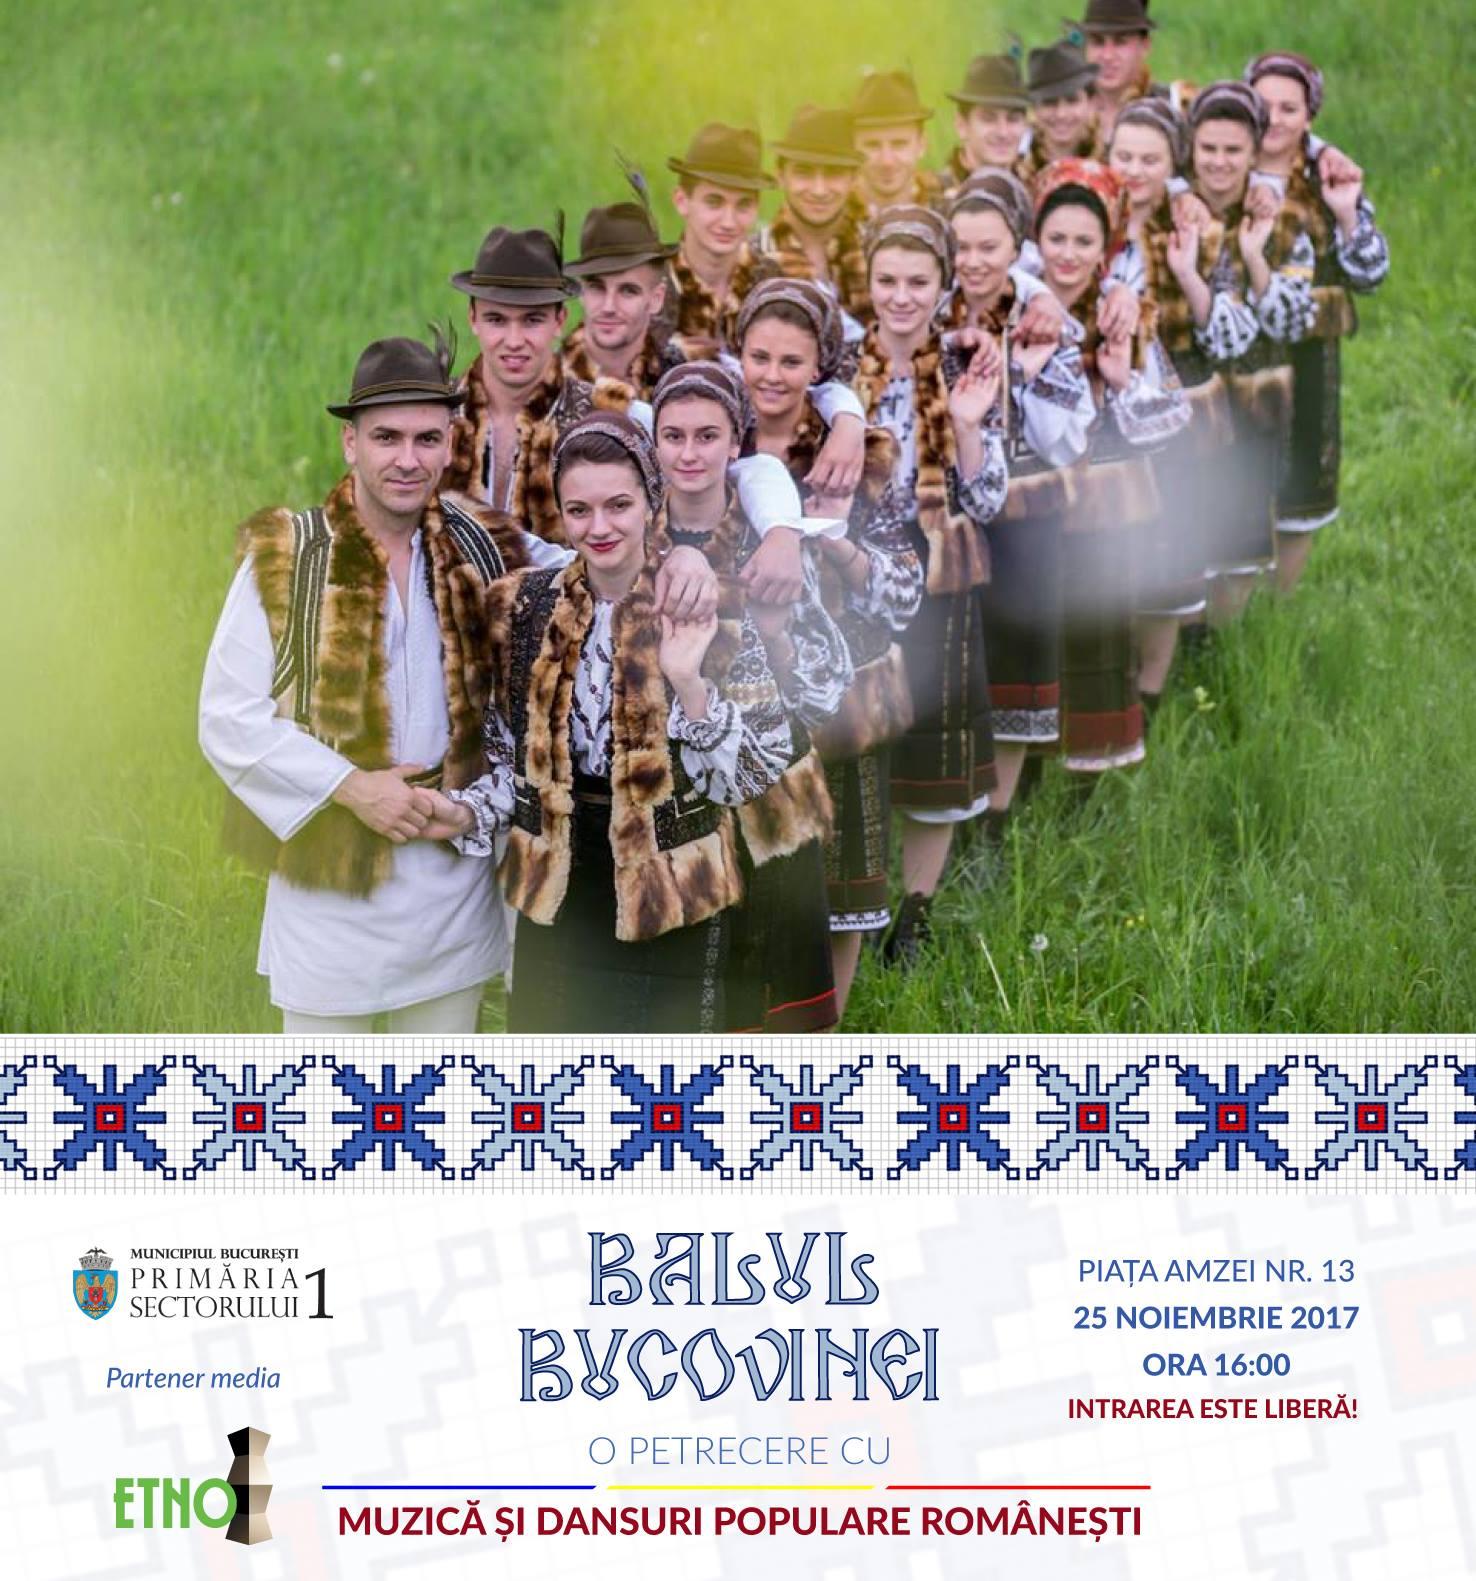 Primăria Sectorului 1 vă invită la Balul Bucovinei